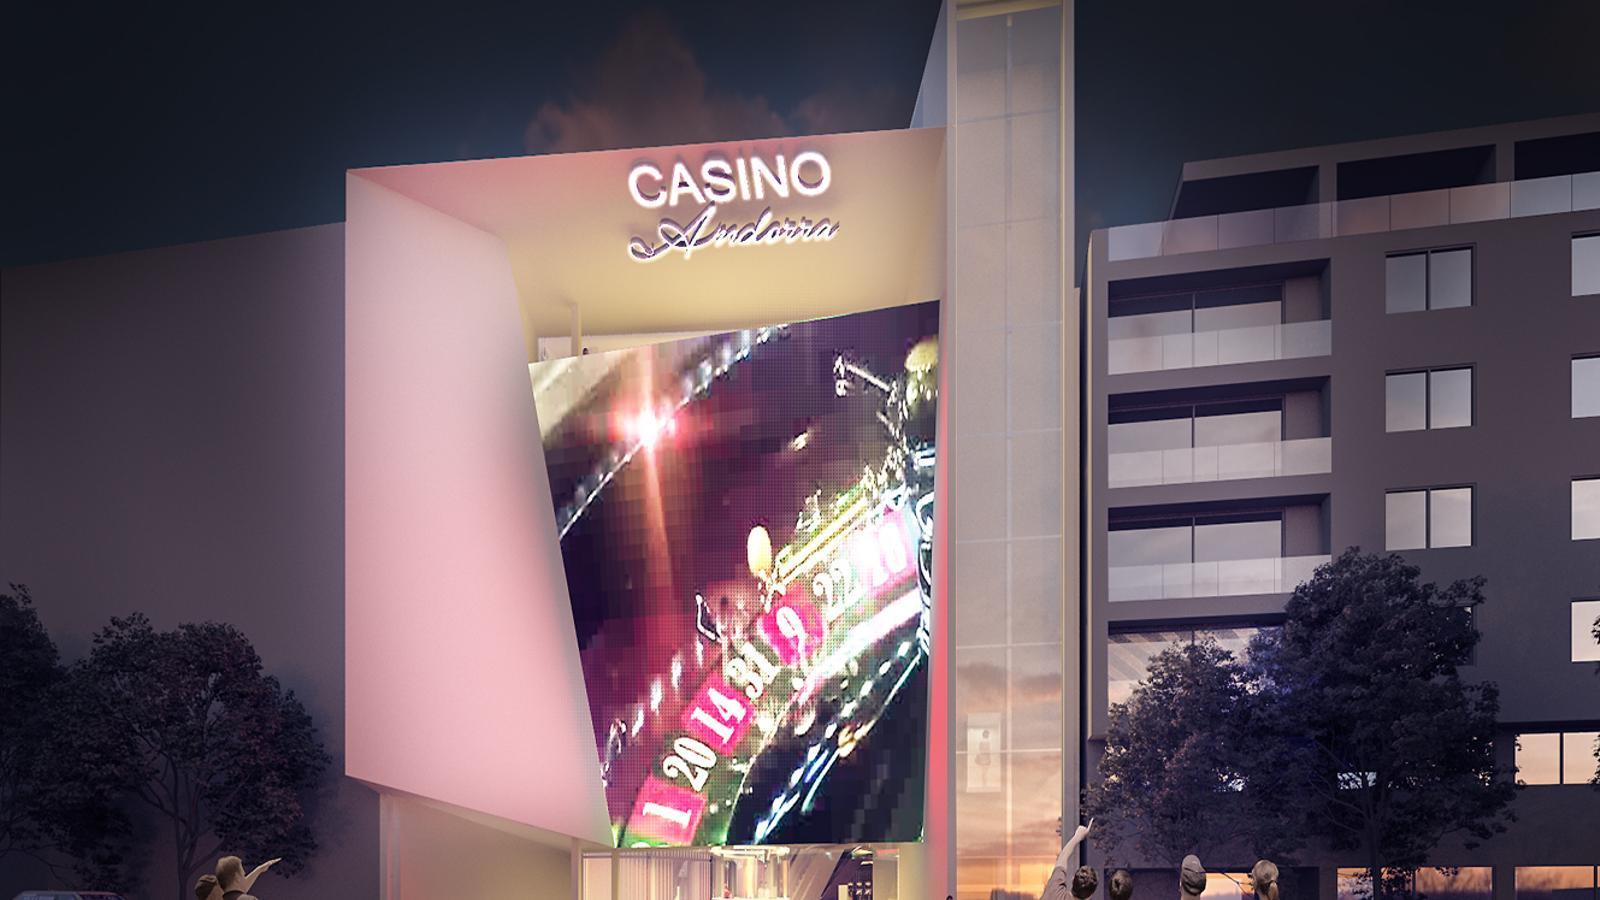 Fotomuntatge de la façana de l'edifici que proposa Jocs SA, la guanyadora del concurs, per acollir el casino al carrer Prat de la Creu d'Andorra la Vella. / ARXIU ANA